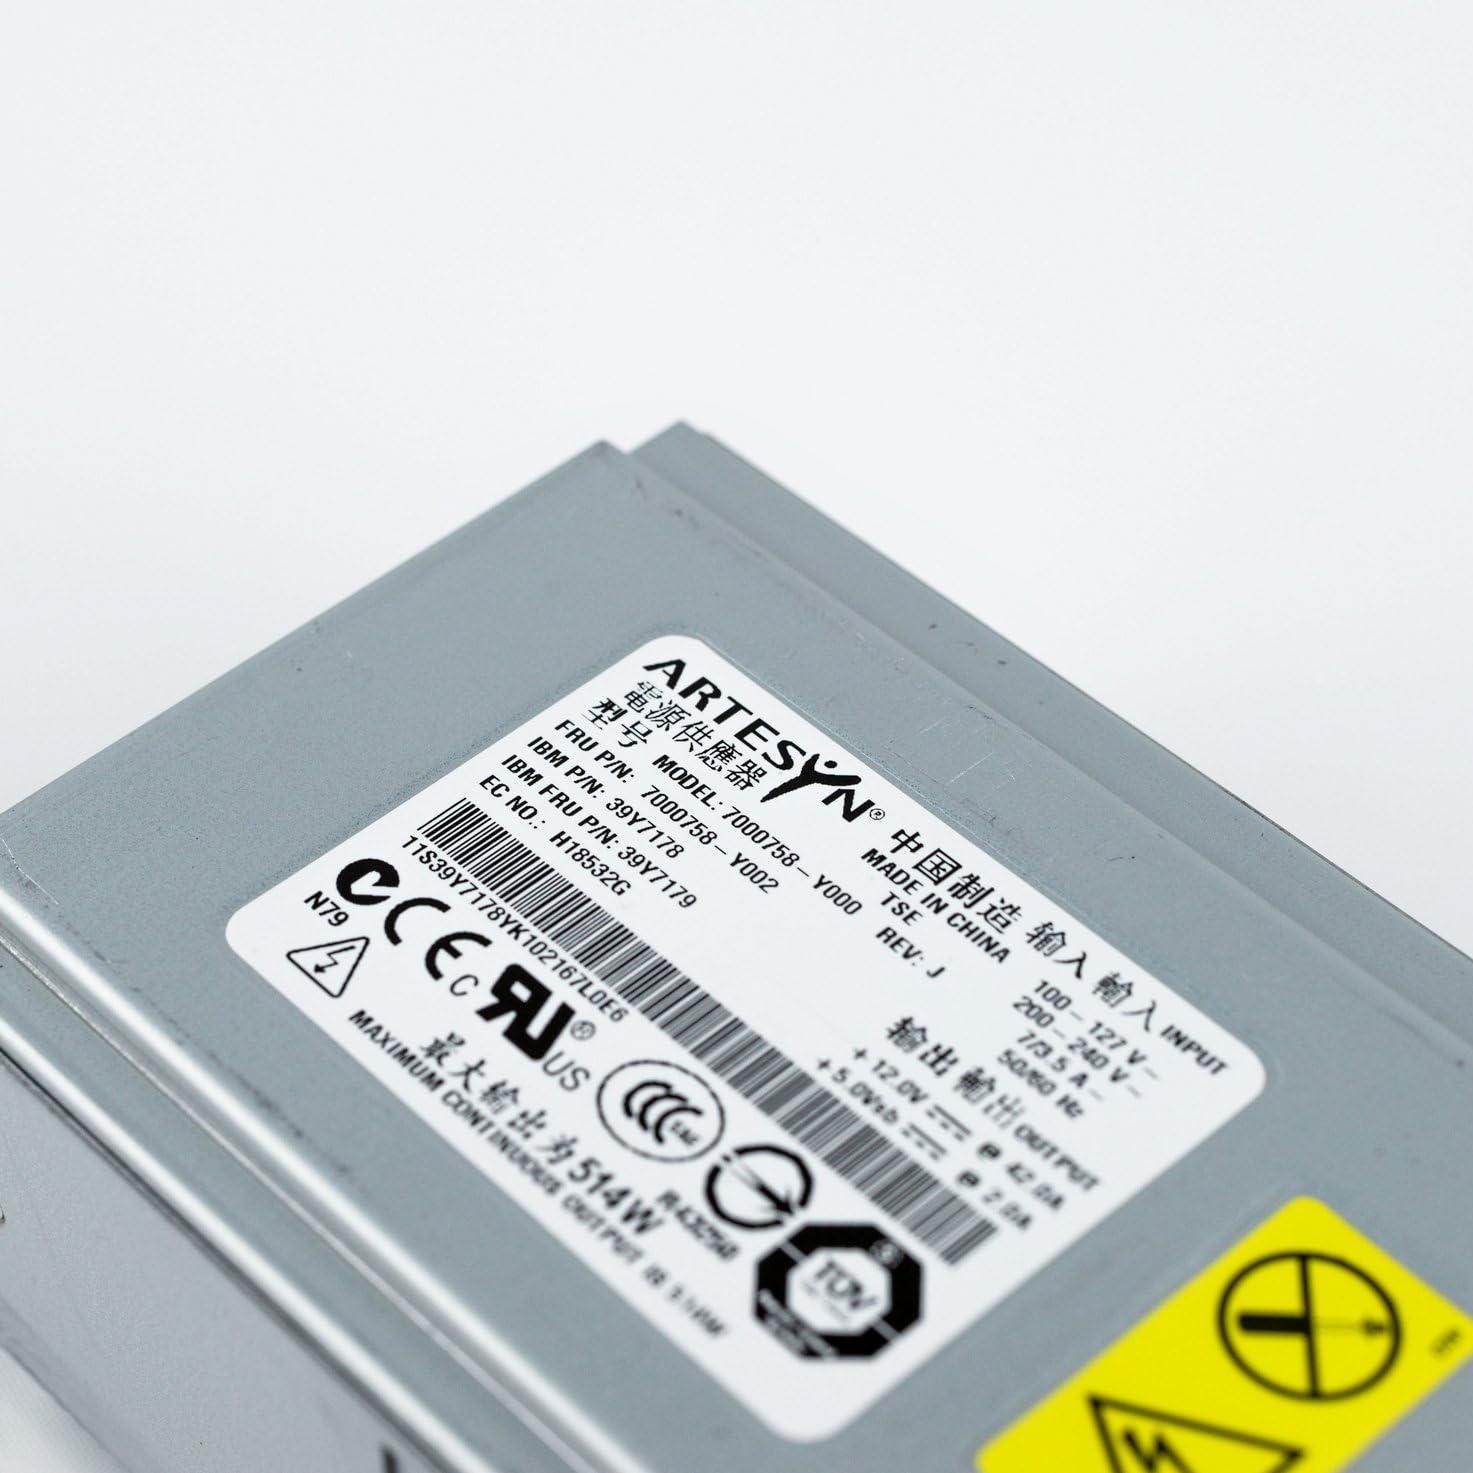 x226 514W Hot-Swap Power Supply